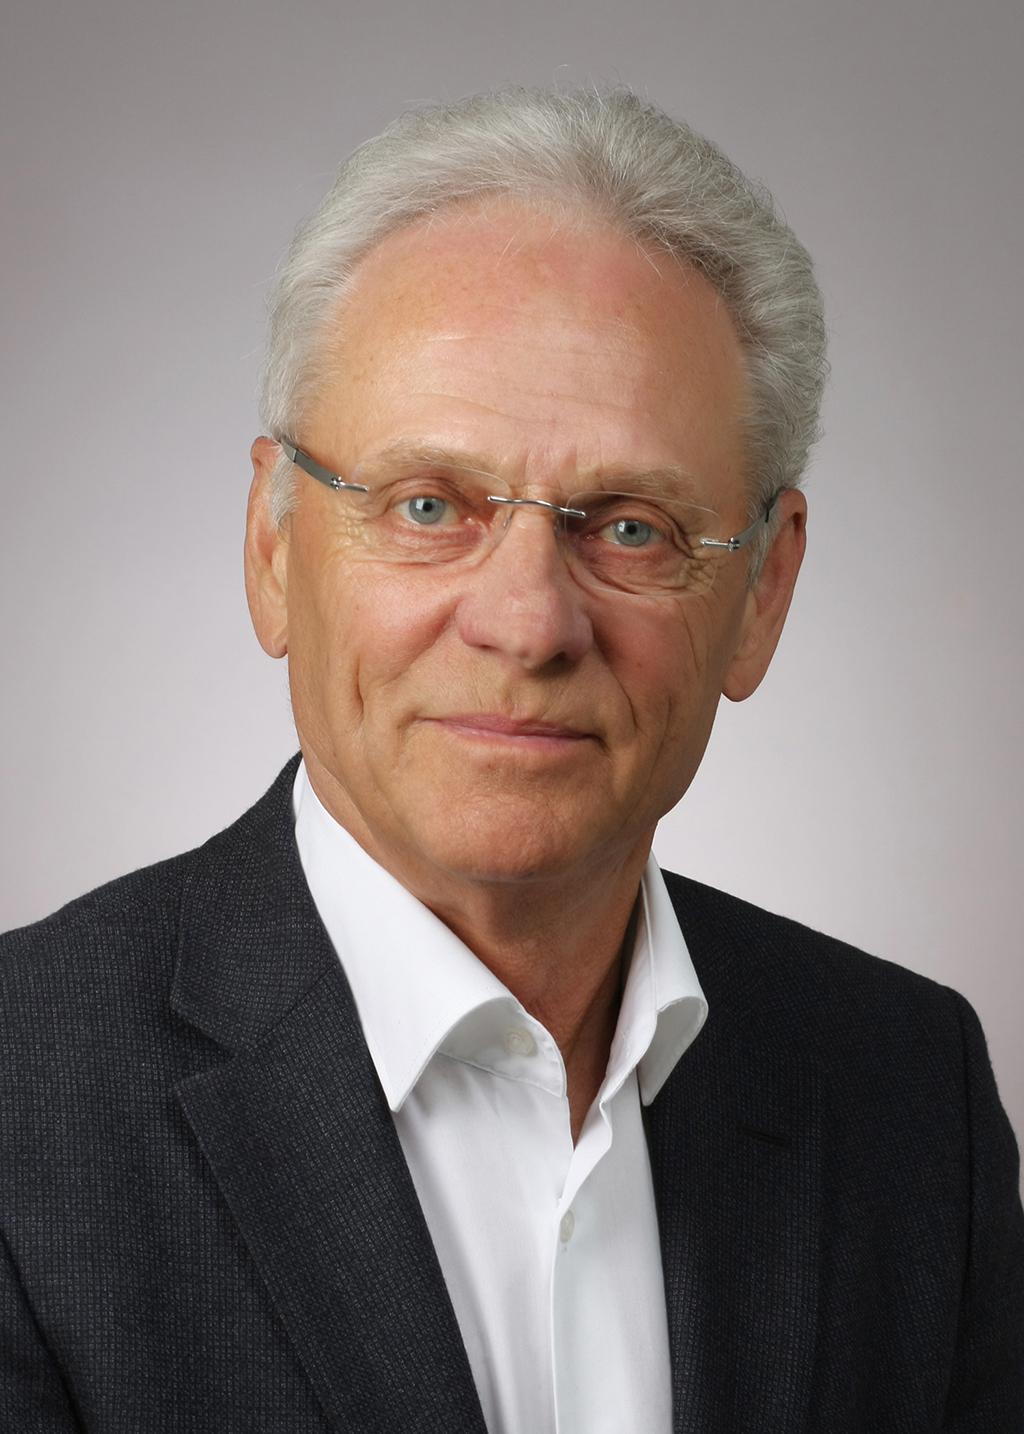 Eduard Ebel : Dipl.-Ing. (FH) - Kalkulator